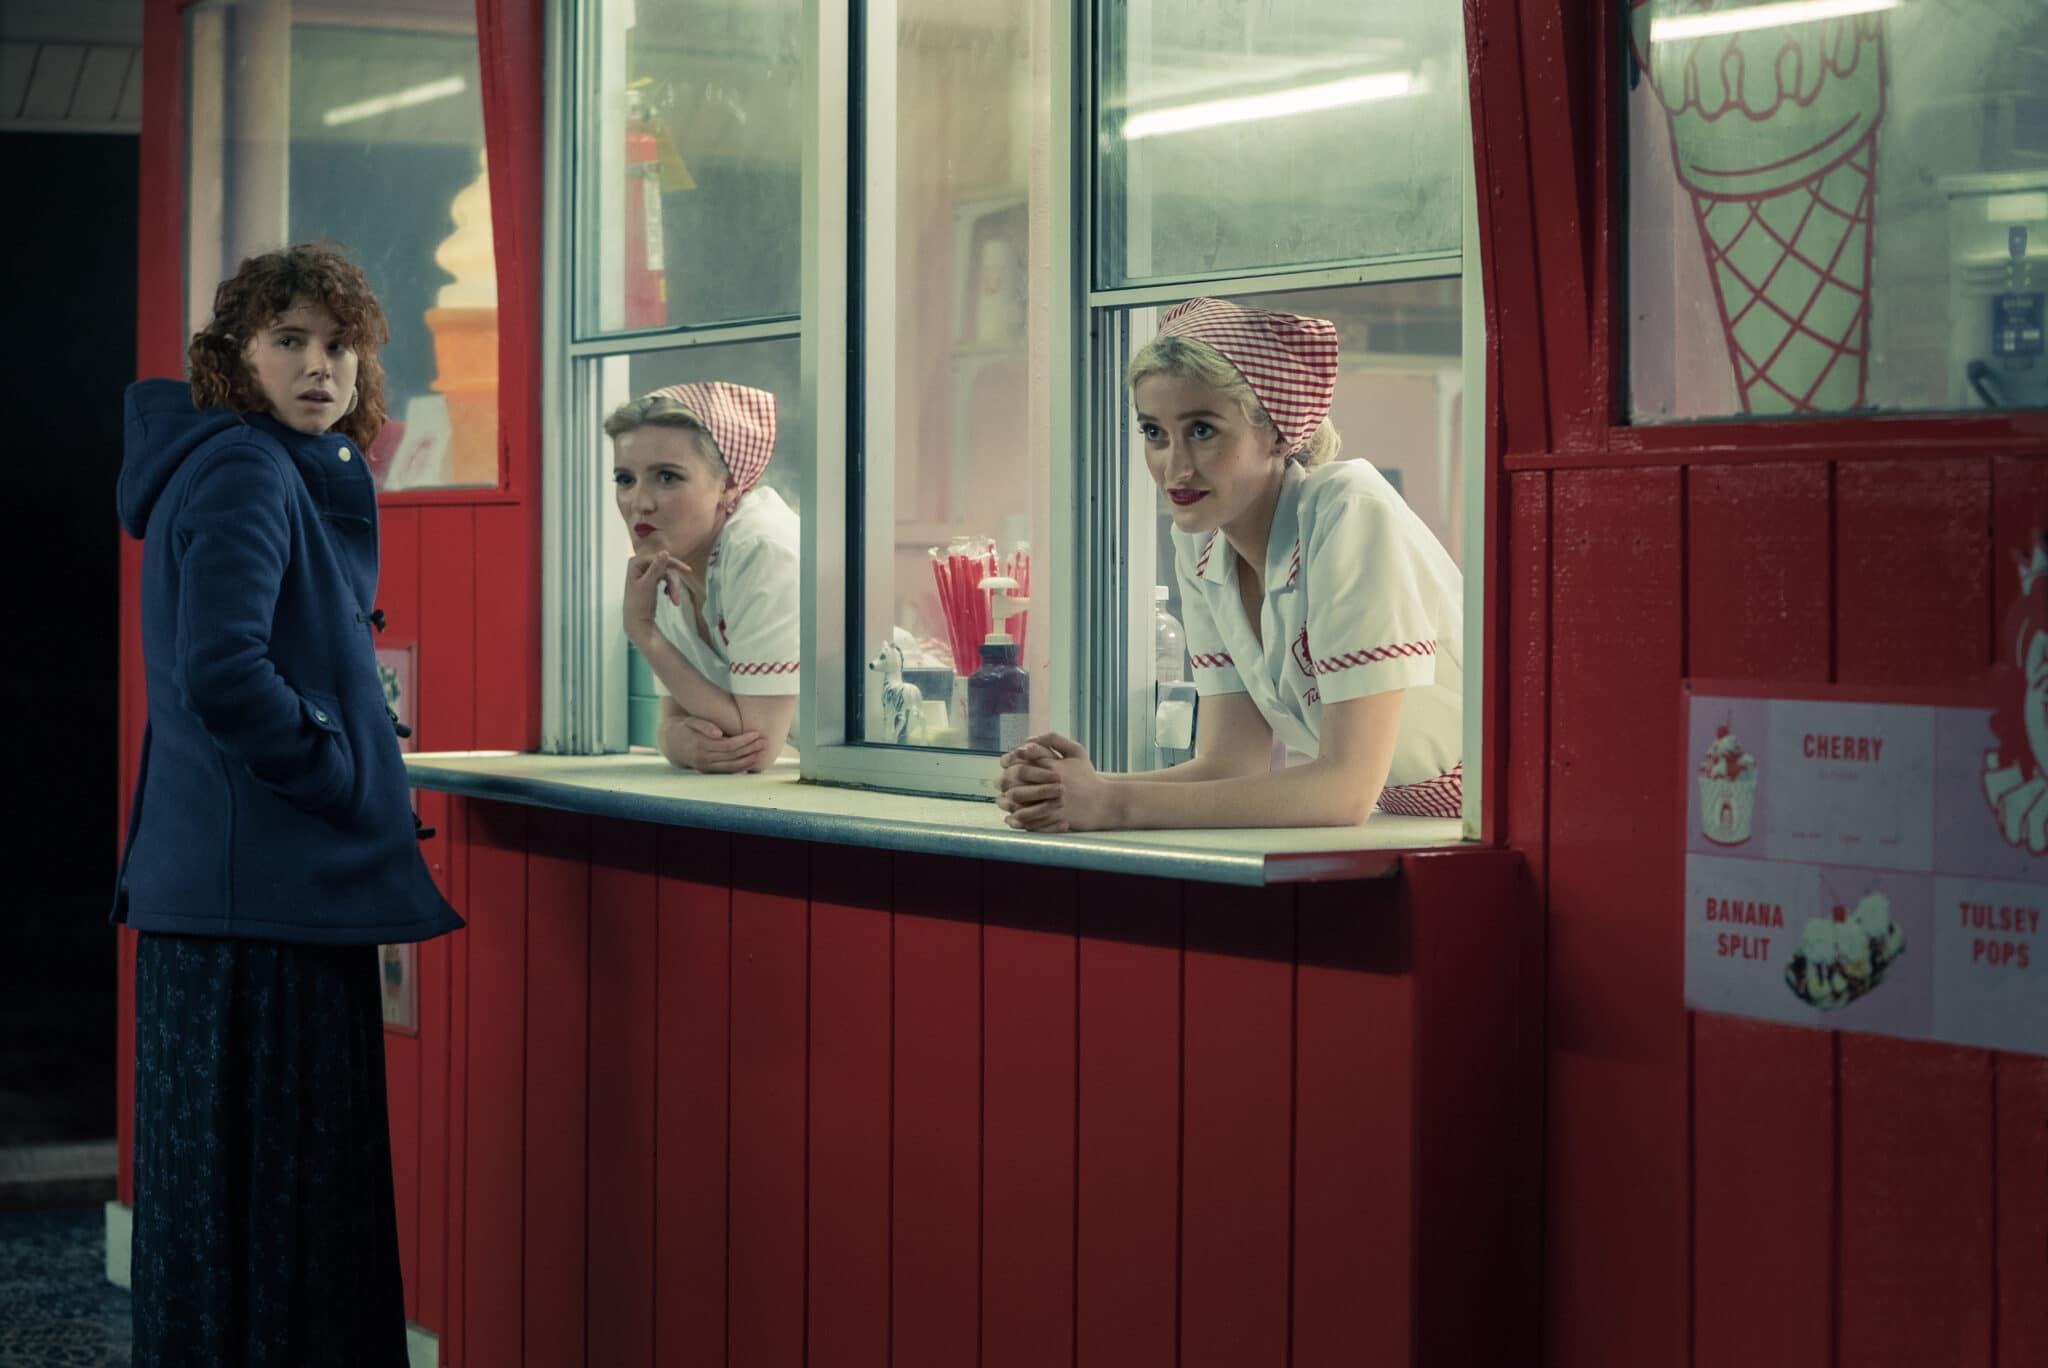 Die Protagonistin in I'm Thinking of Ending Things besucht einen Eisladen